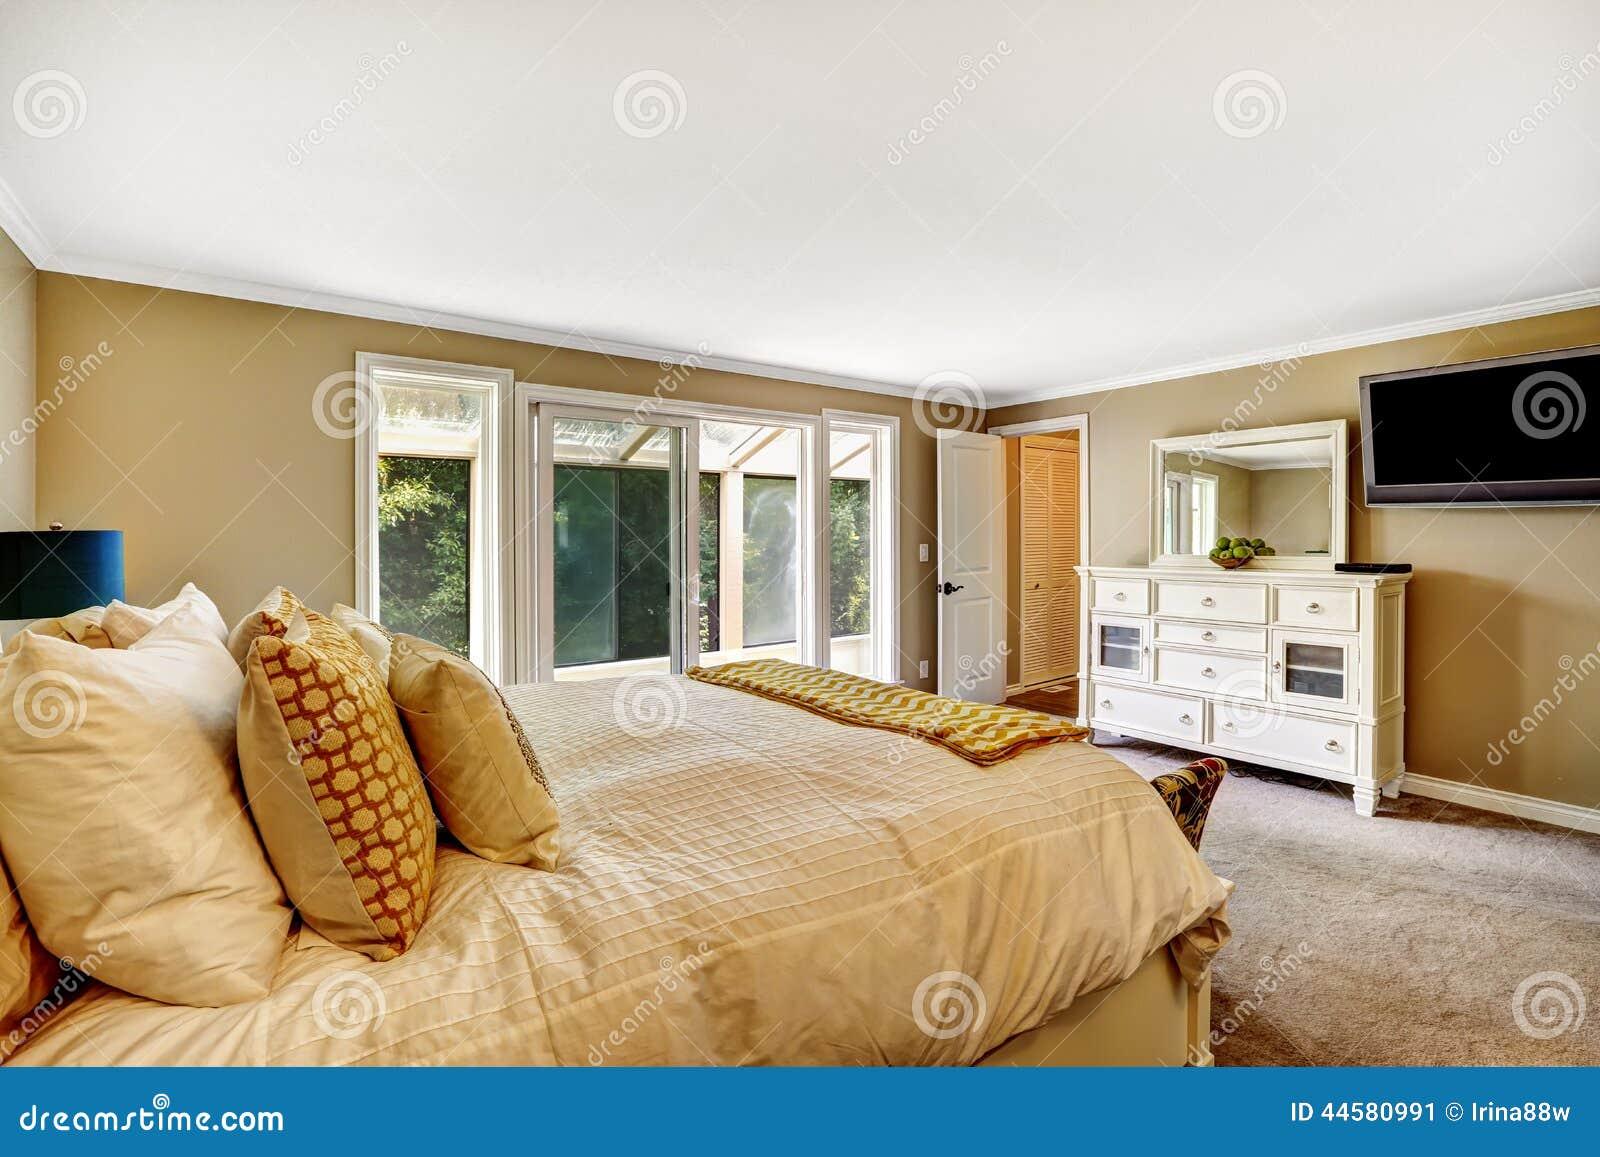 Belle chambre coucher avec le coffret de vanit et la tv photo stock image 44580991 - Belles chambres a coucher ...